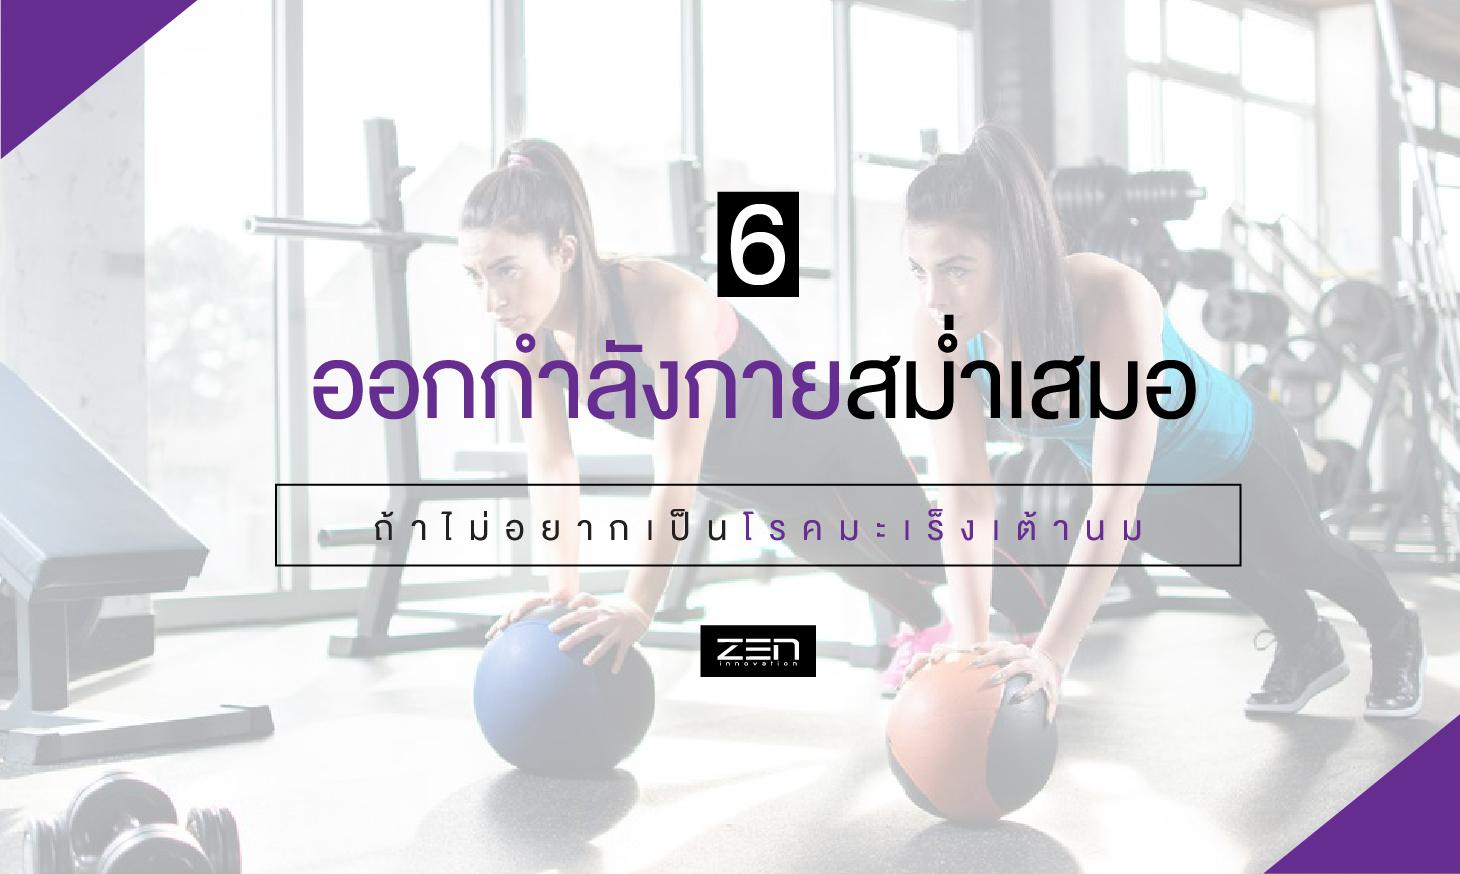 ควรออกกำลังกายสม่ำเสมอ